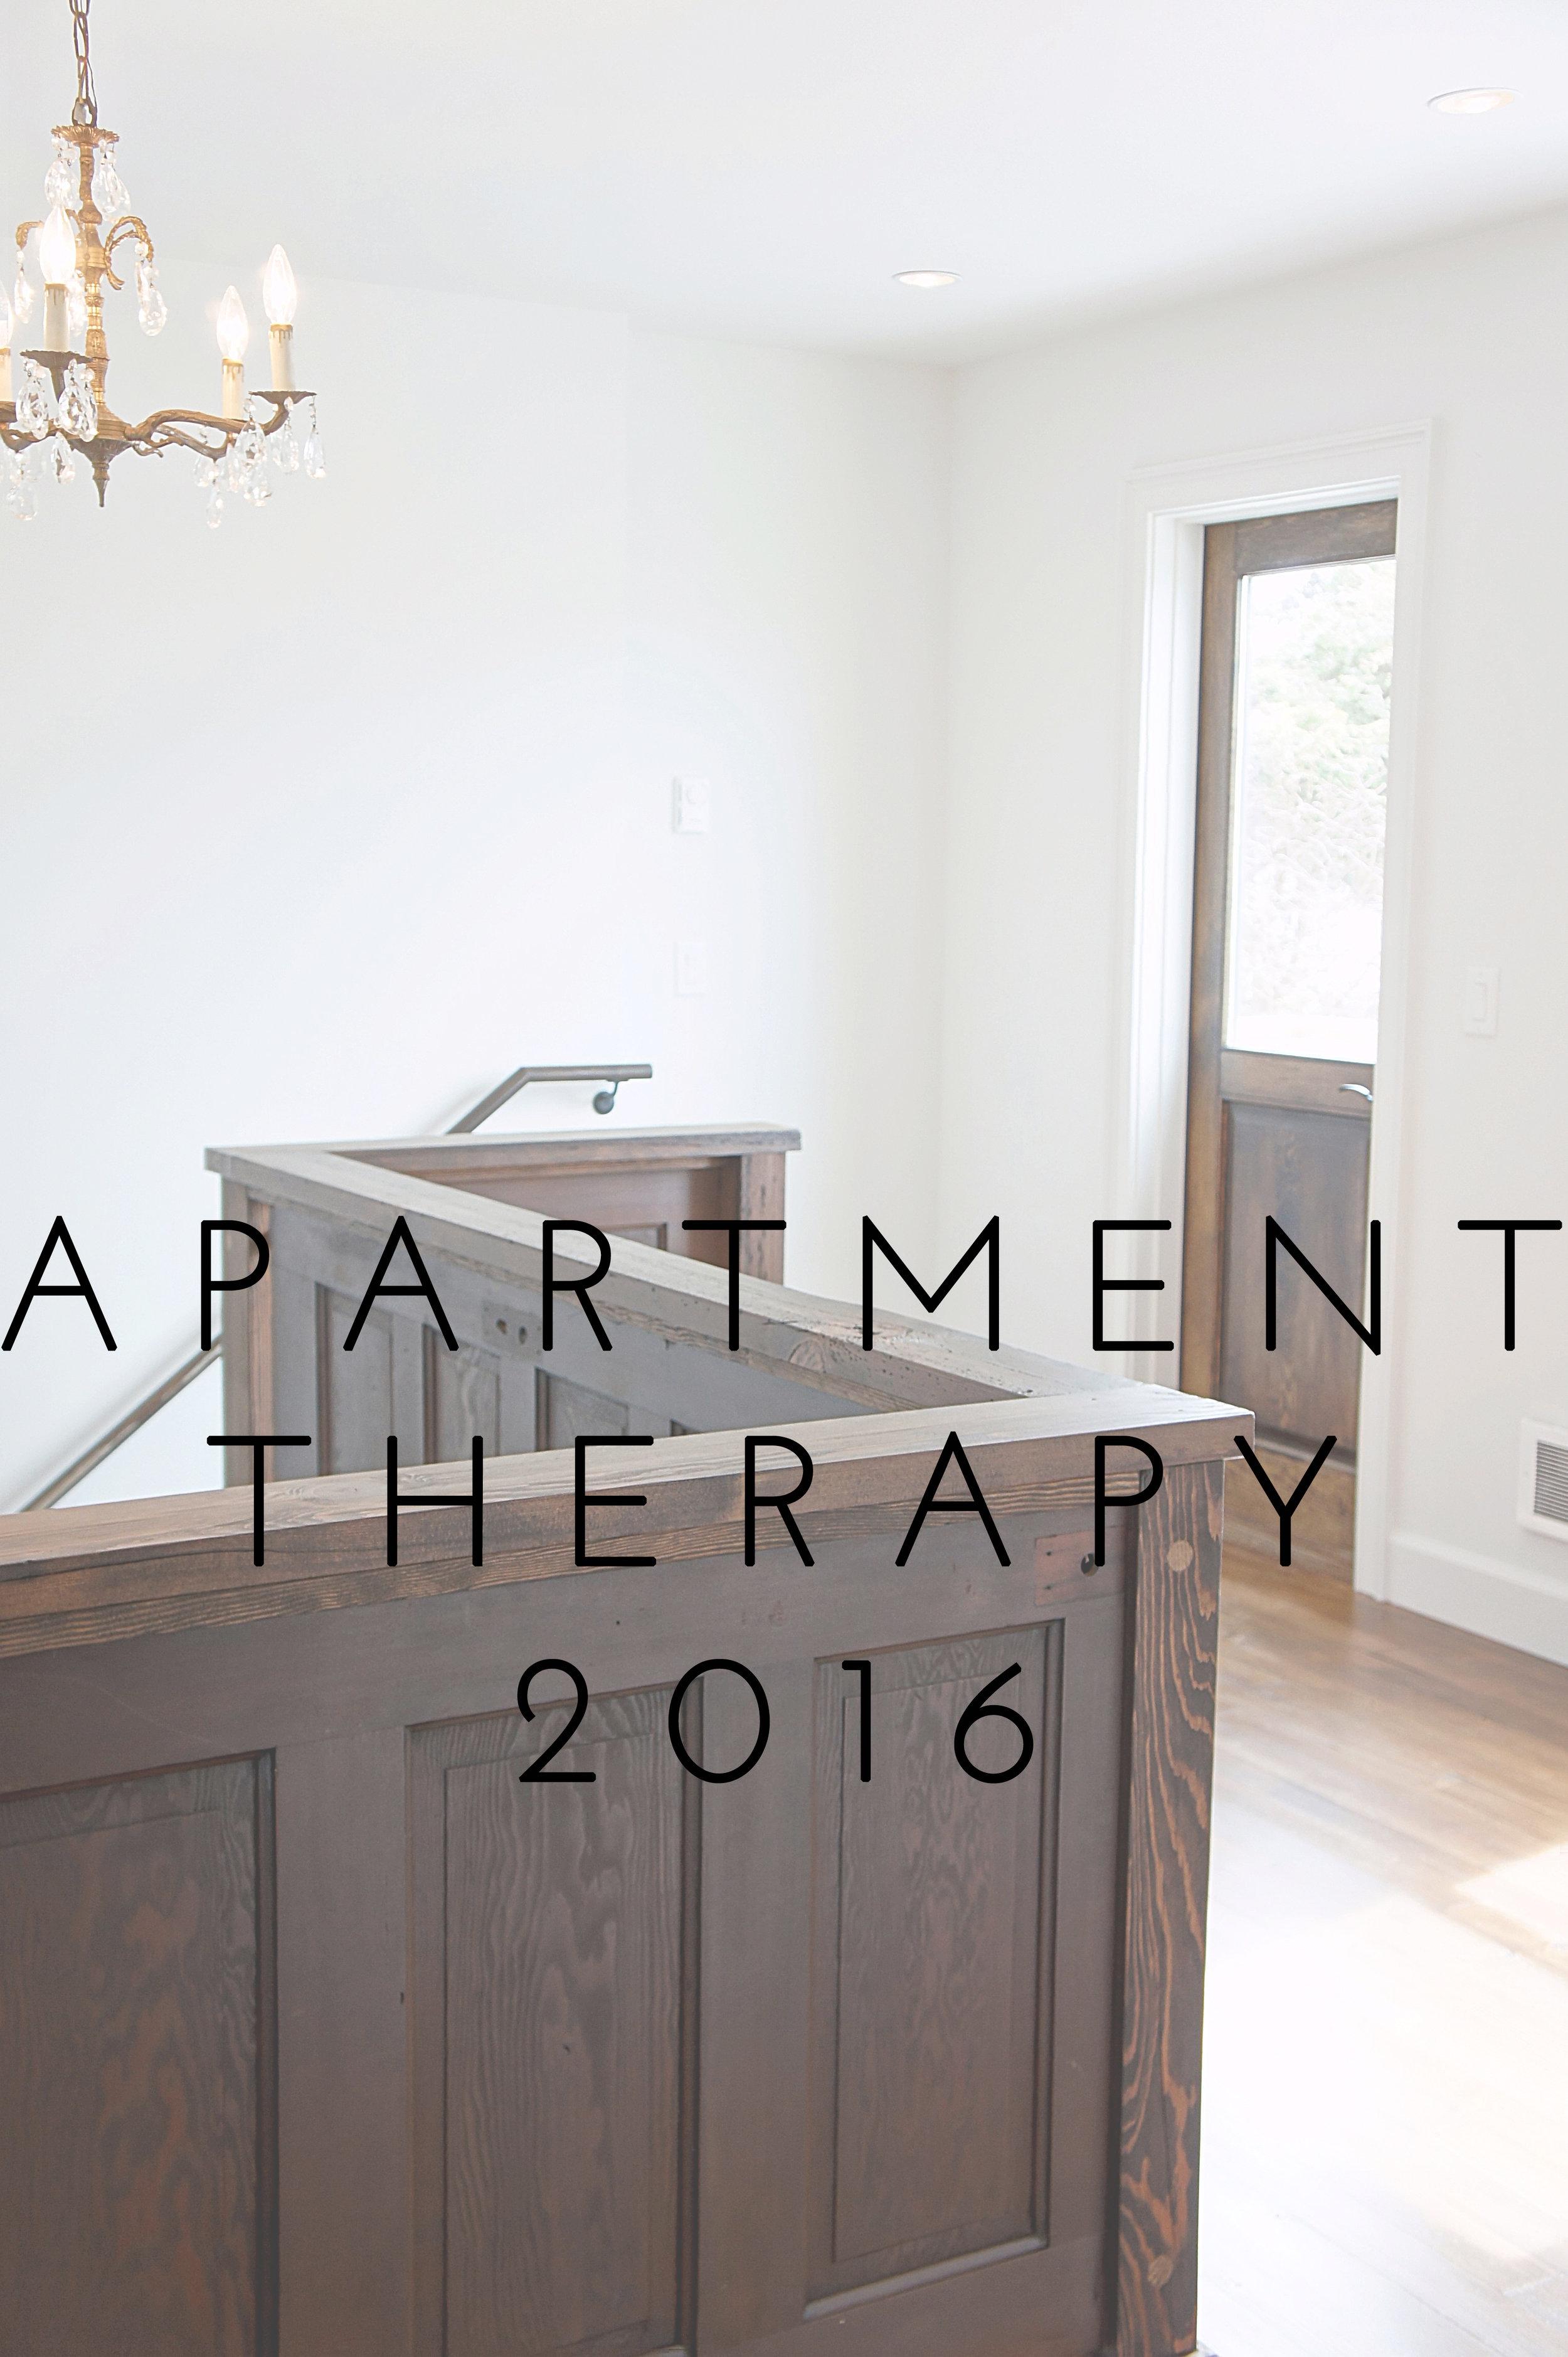 Kaemingk Design Apartment Therapy 2016